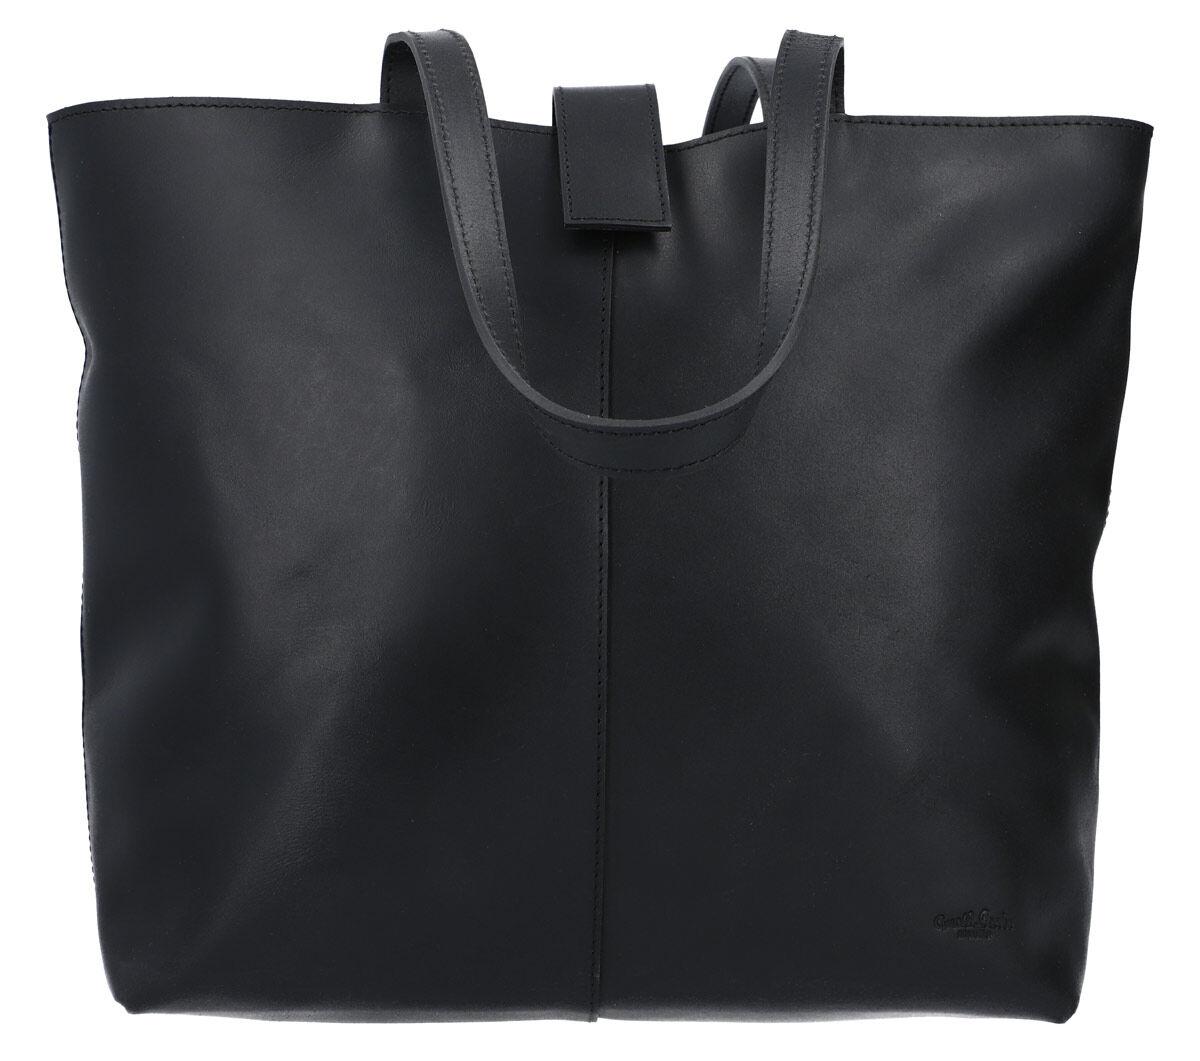 Diese Tasche hat keinen Reißverschluss zum Verschließen des Hauptfaches - ansonsten neu - siehe Vide